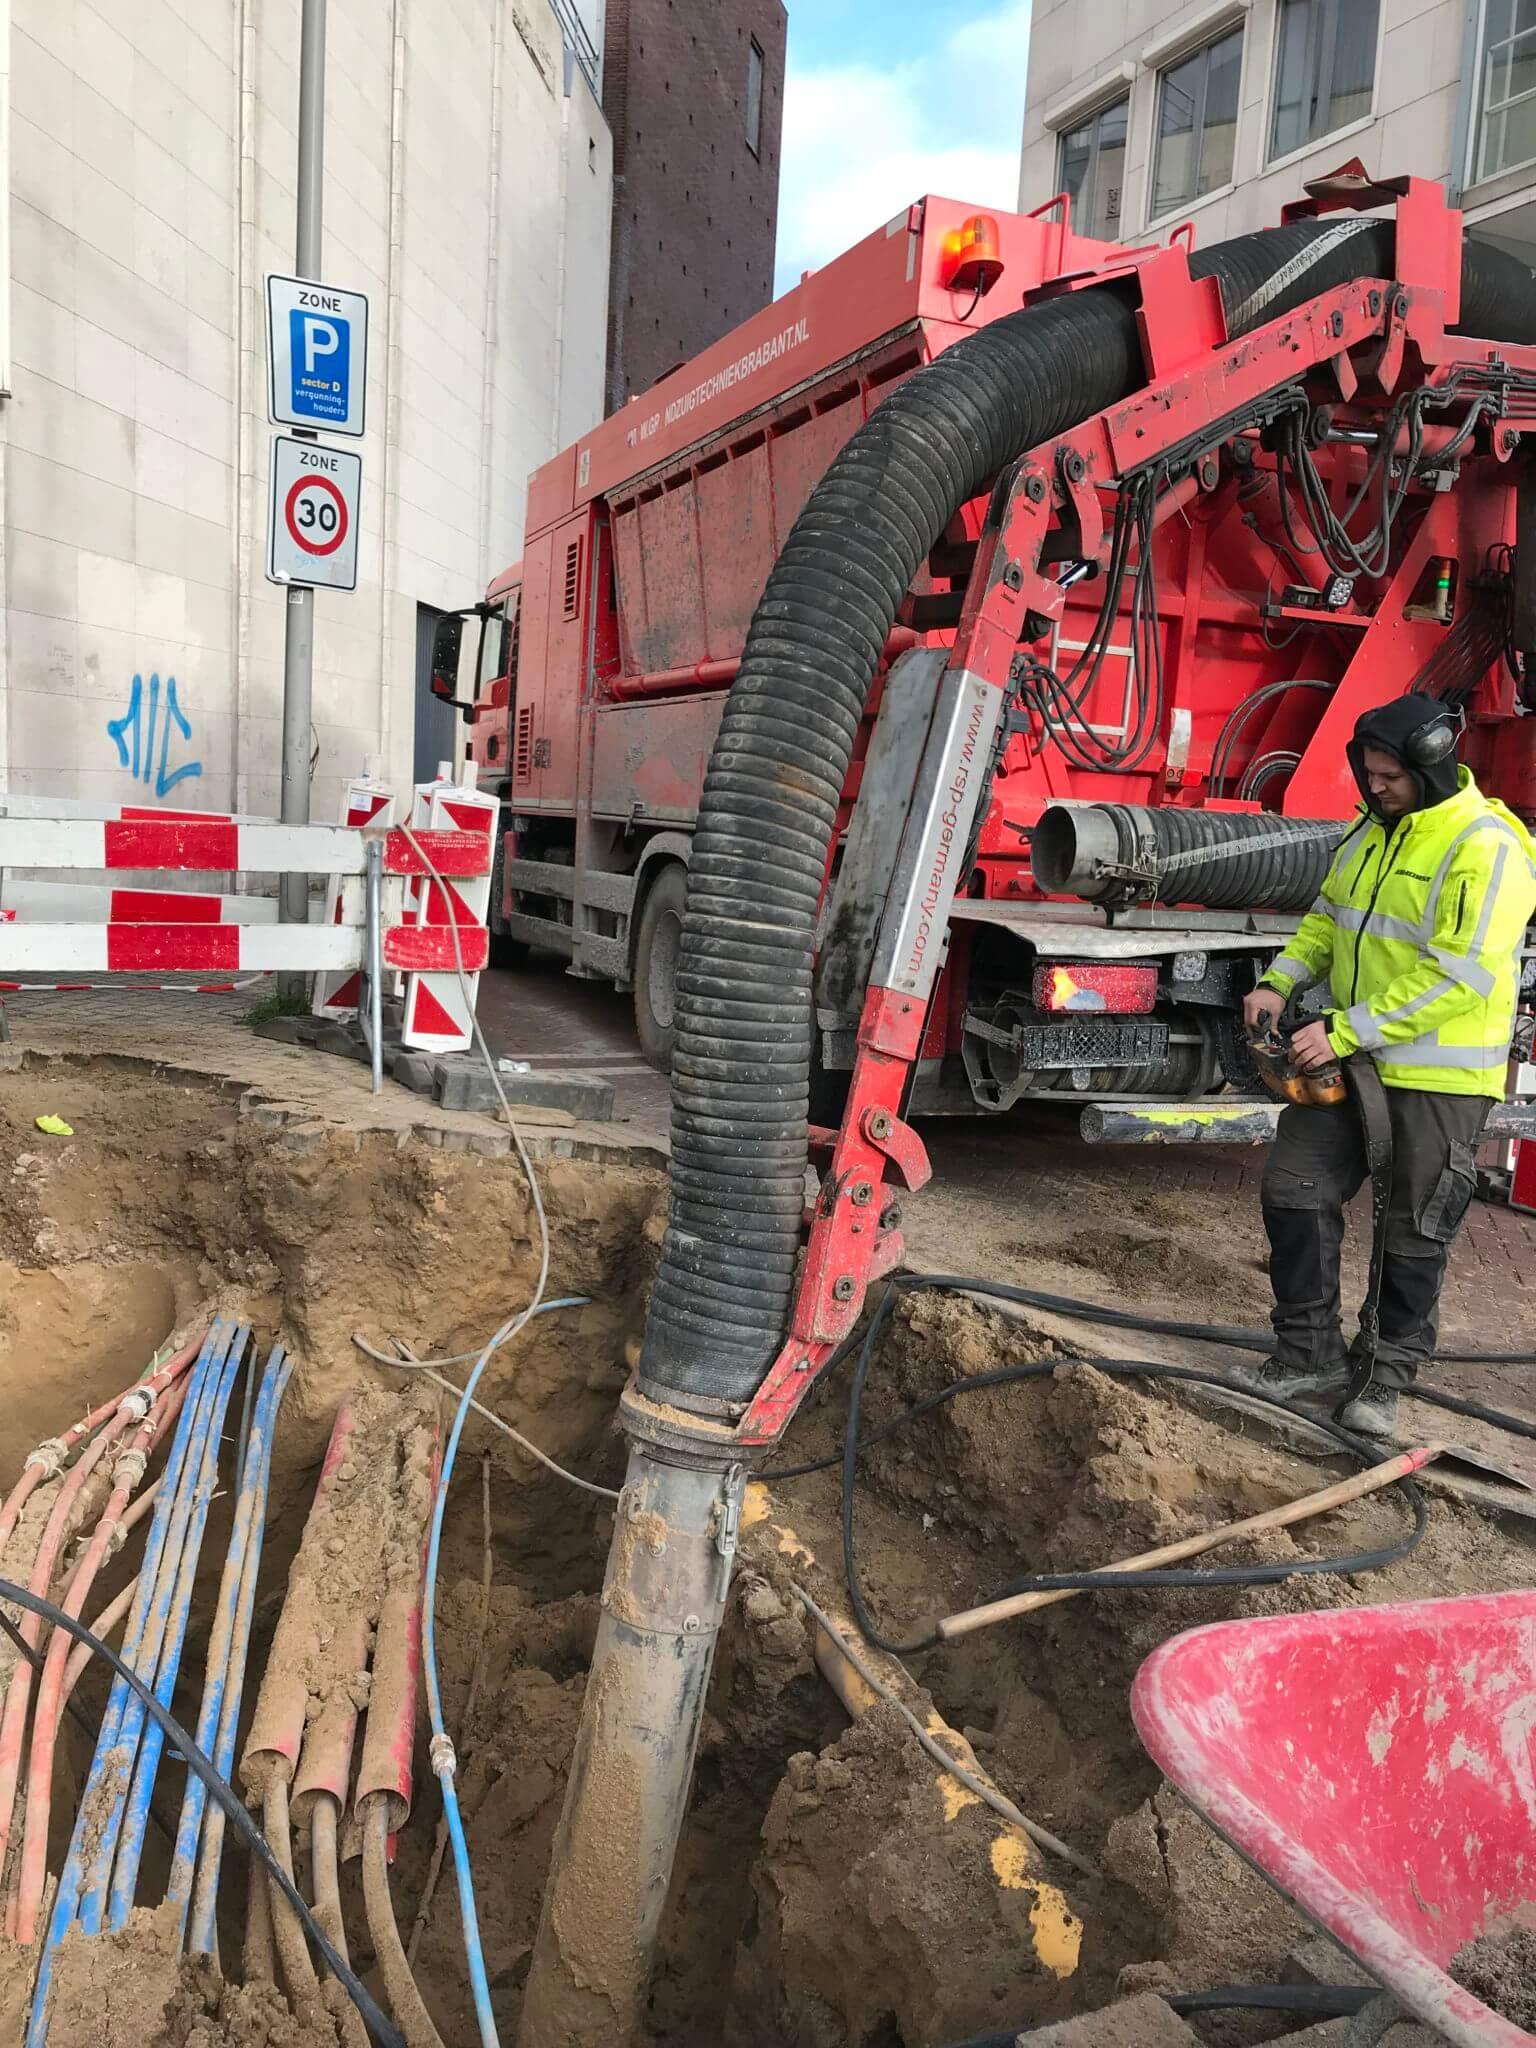 kabels vrijzuigen drukke ondergrondse infrastructuur